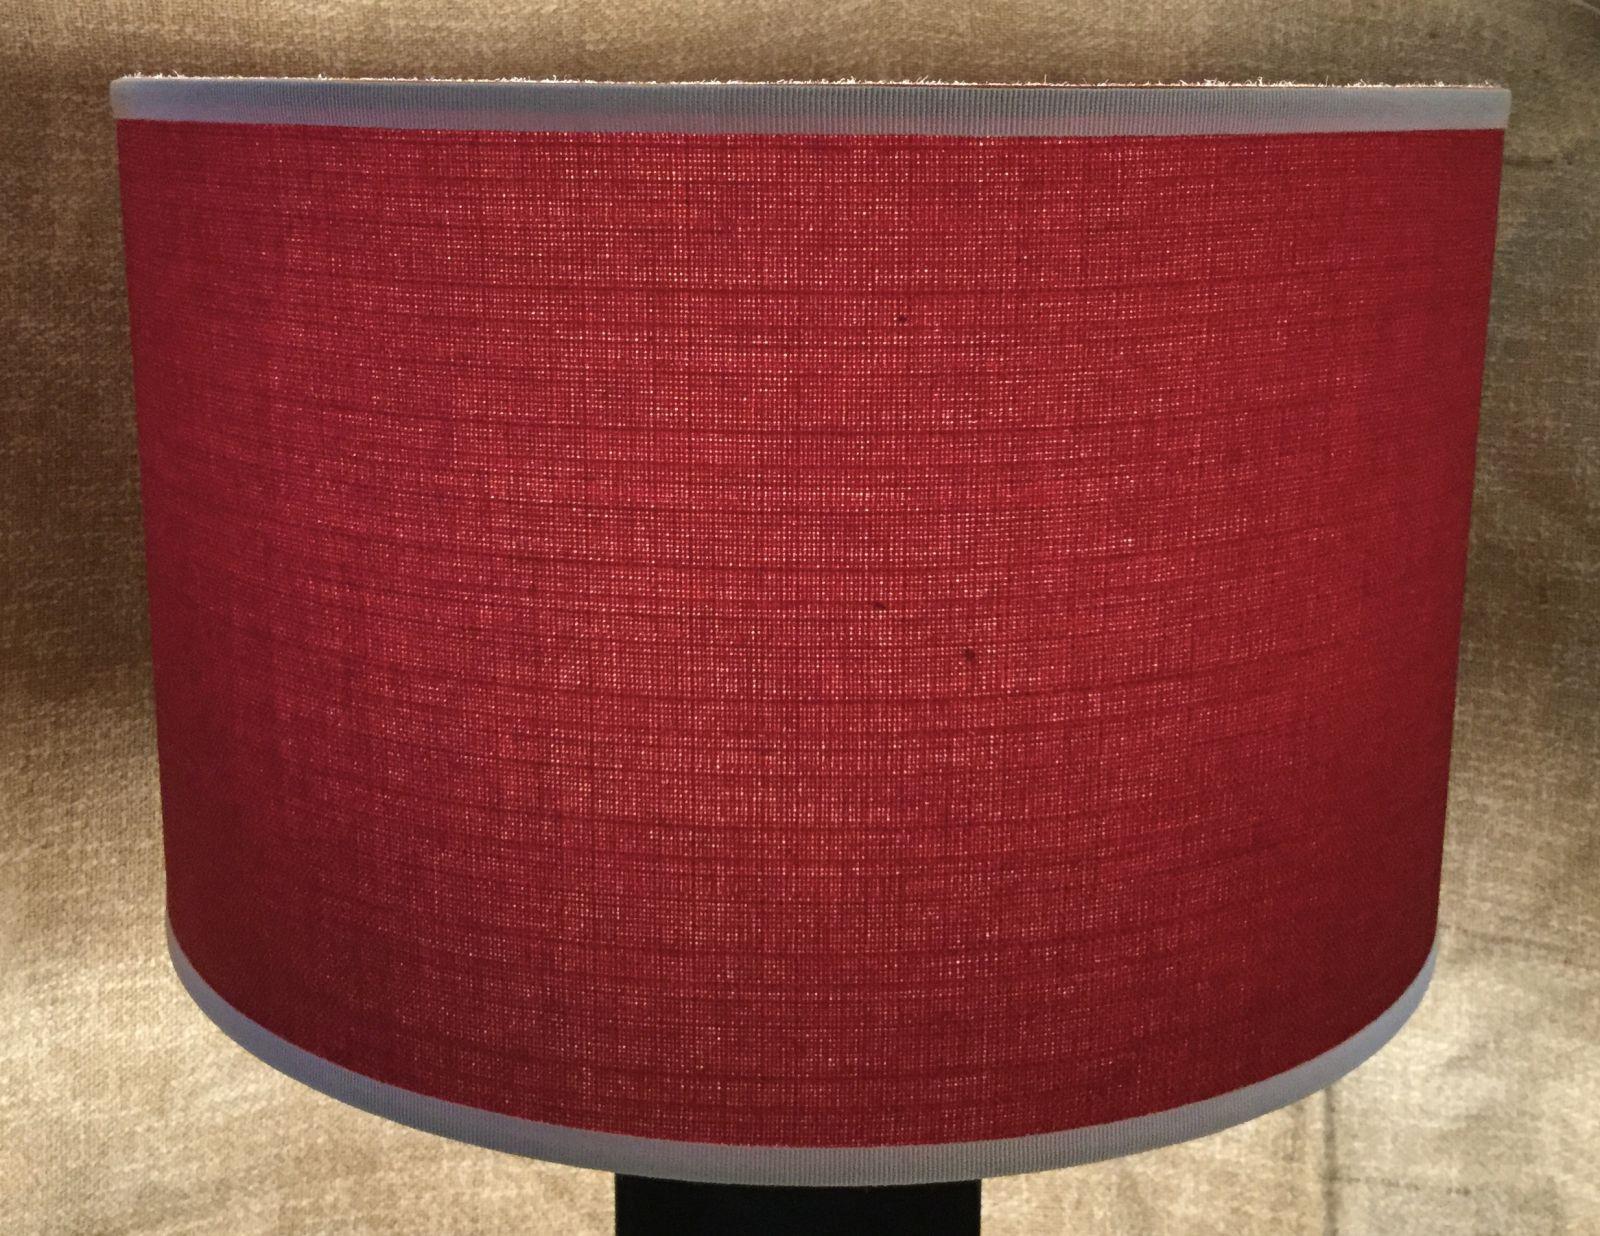 Paralume cilindrico colore rosso con rifiniture bianche D40 h25